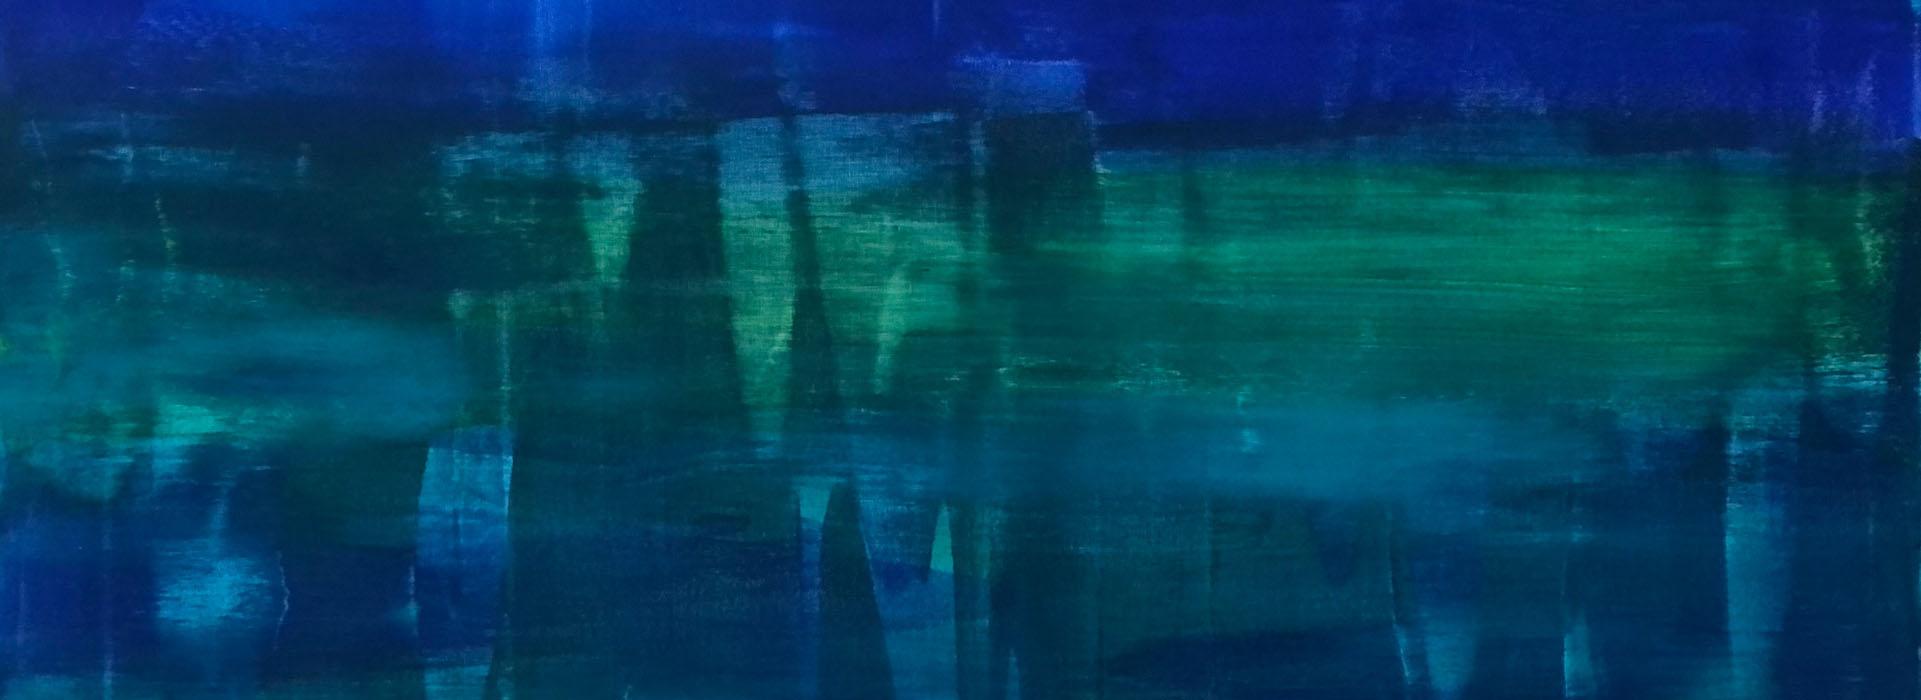 Handgemalte Bilder Abstrakt Blau Grün Meer